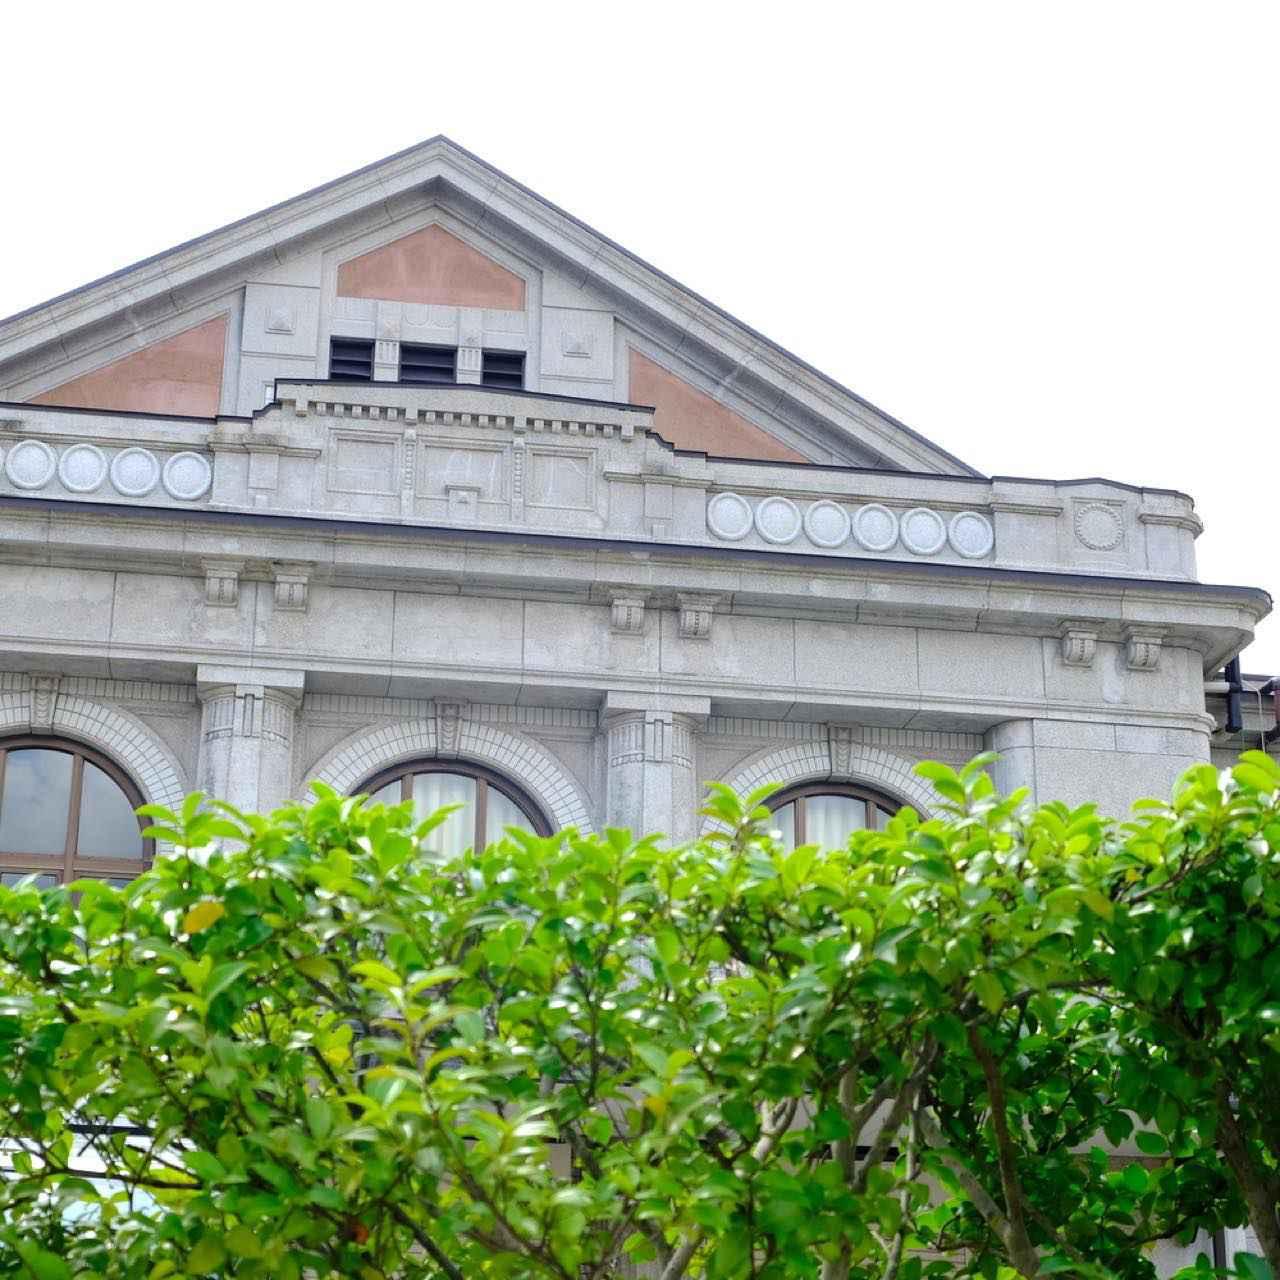 画像: 「佐世保鎮守府」は今年開庁130周年を迎え、記念イベントや関連施設ガイドツアーなどにも注目が集まっています。130年前の佐世保港の開港が、佐世保の発展のスタートとなりました。歴史を楽しく学びながら平和のありがたさを感じる佐世保街歩き。まだまだ続きます。